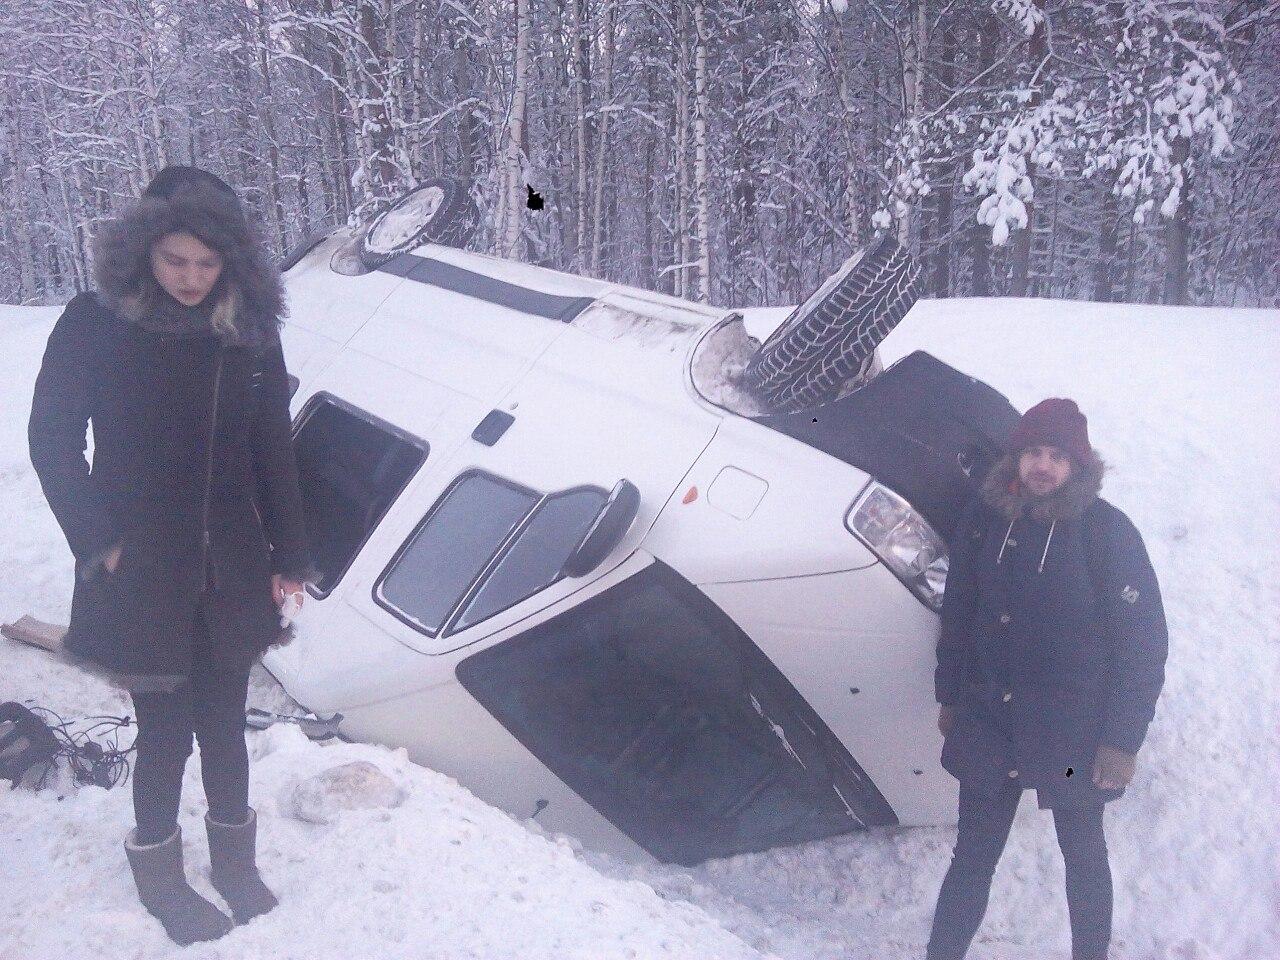 Микроавтобус питерской панк-группы перевернулся под Кировом